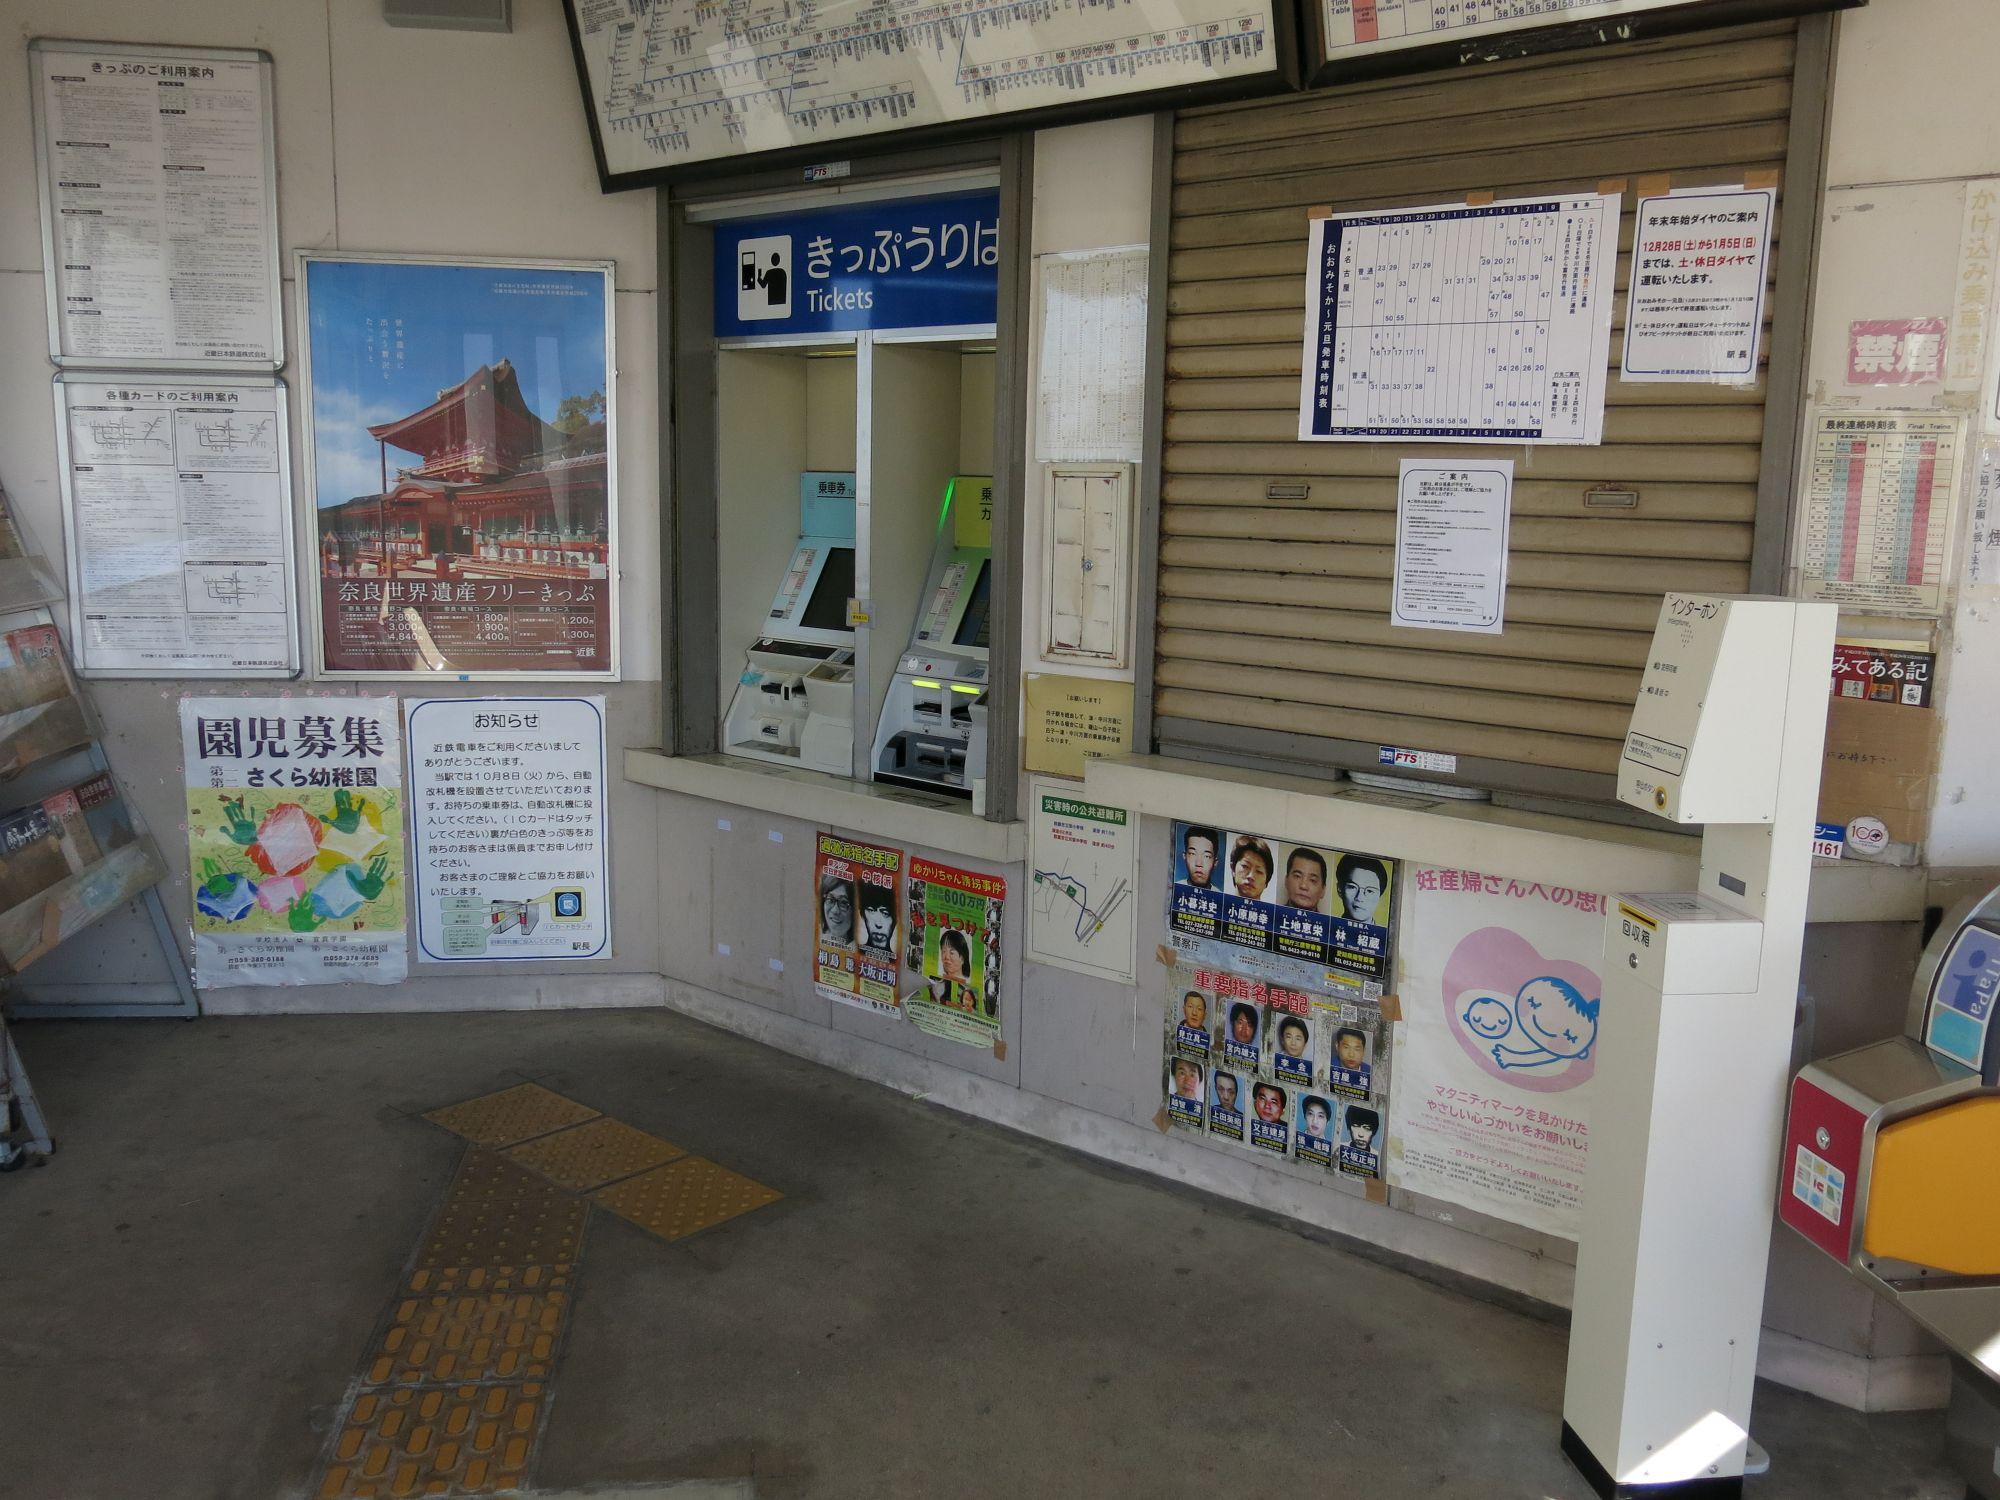 磯山駅 無人化